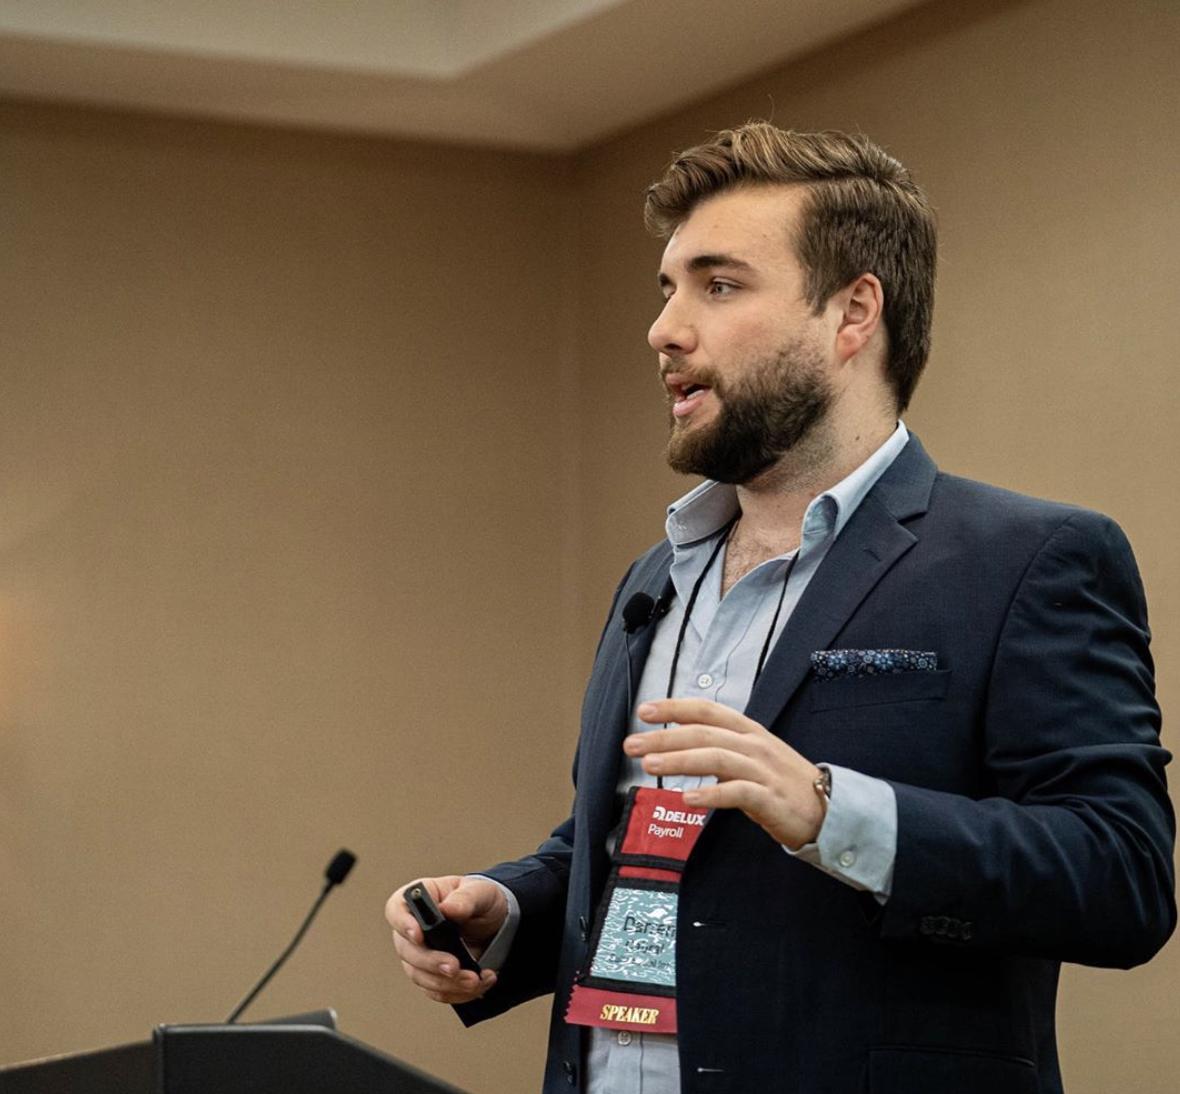 CEO of Suits Social - Darren Cabral